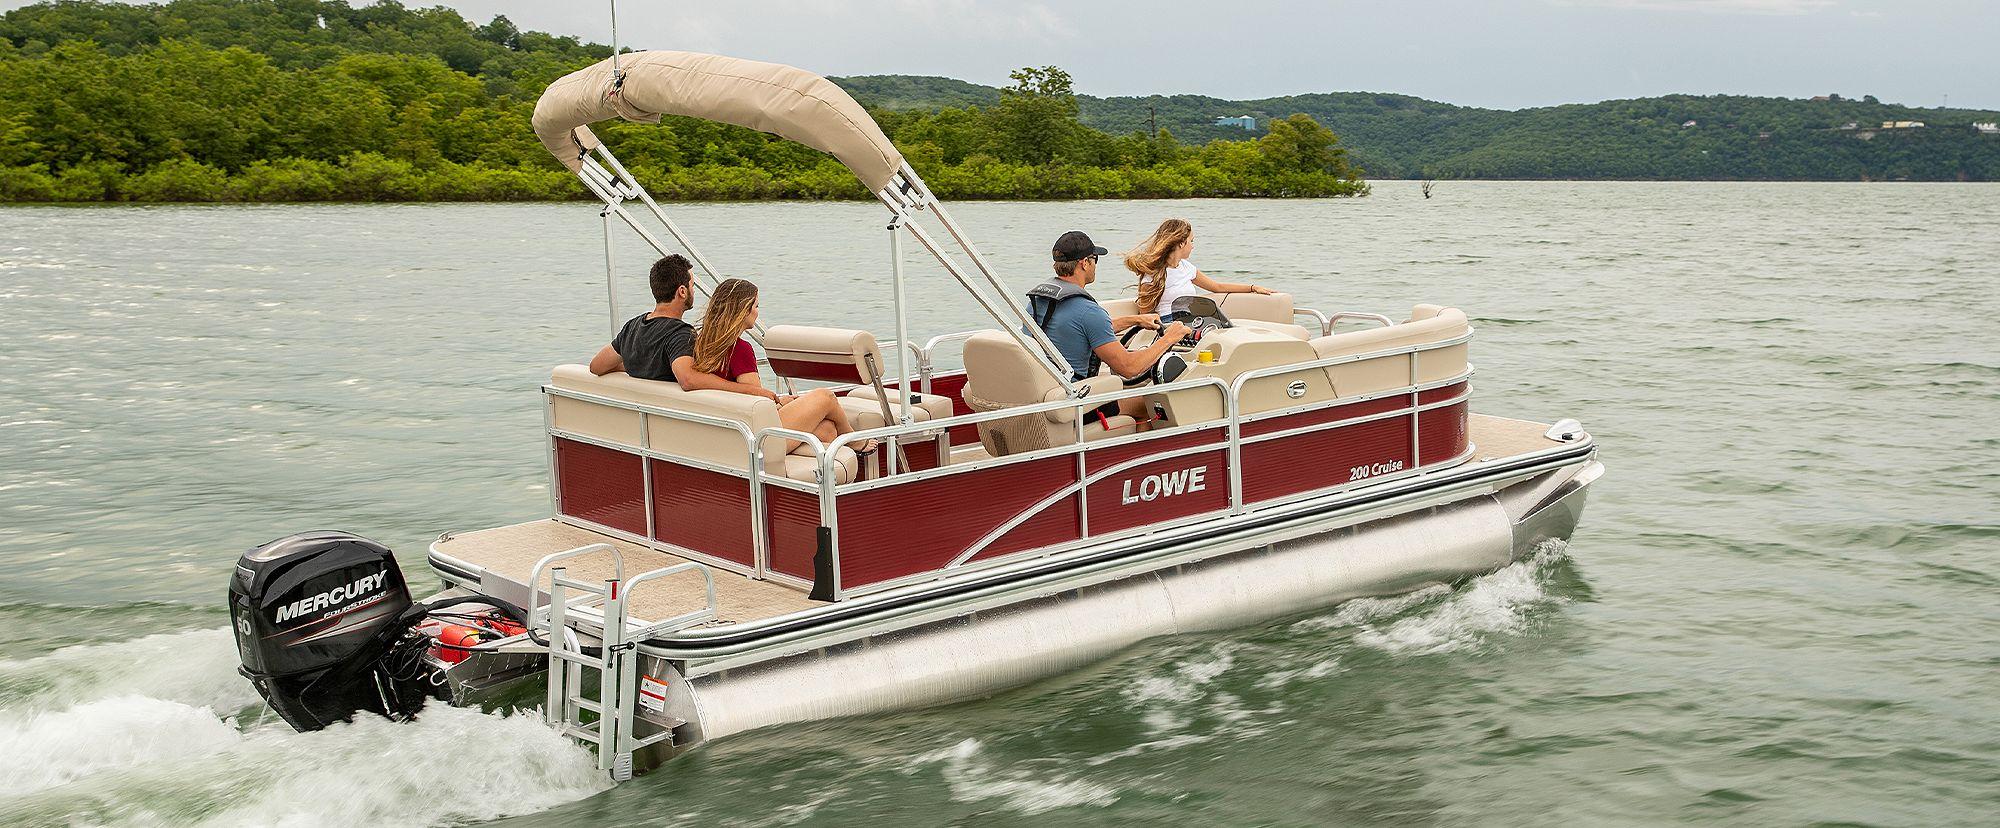 Lowe Boats UC200 Hero Image